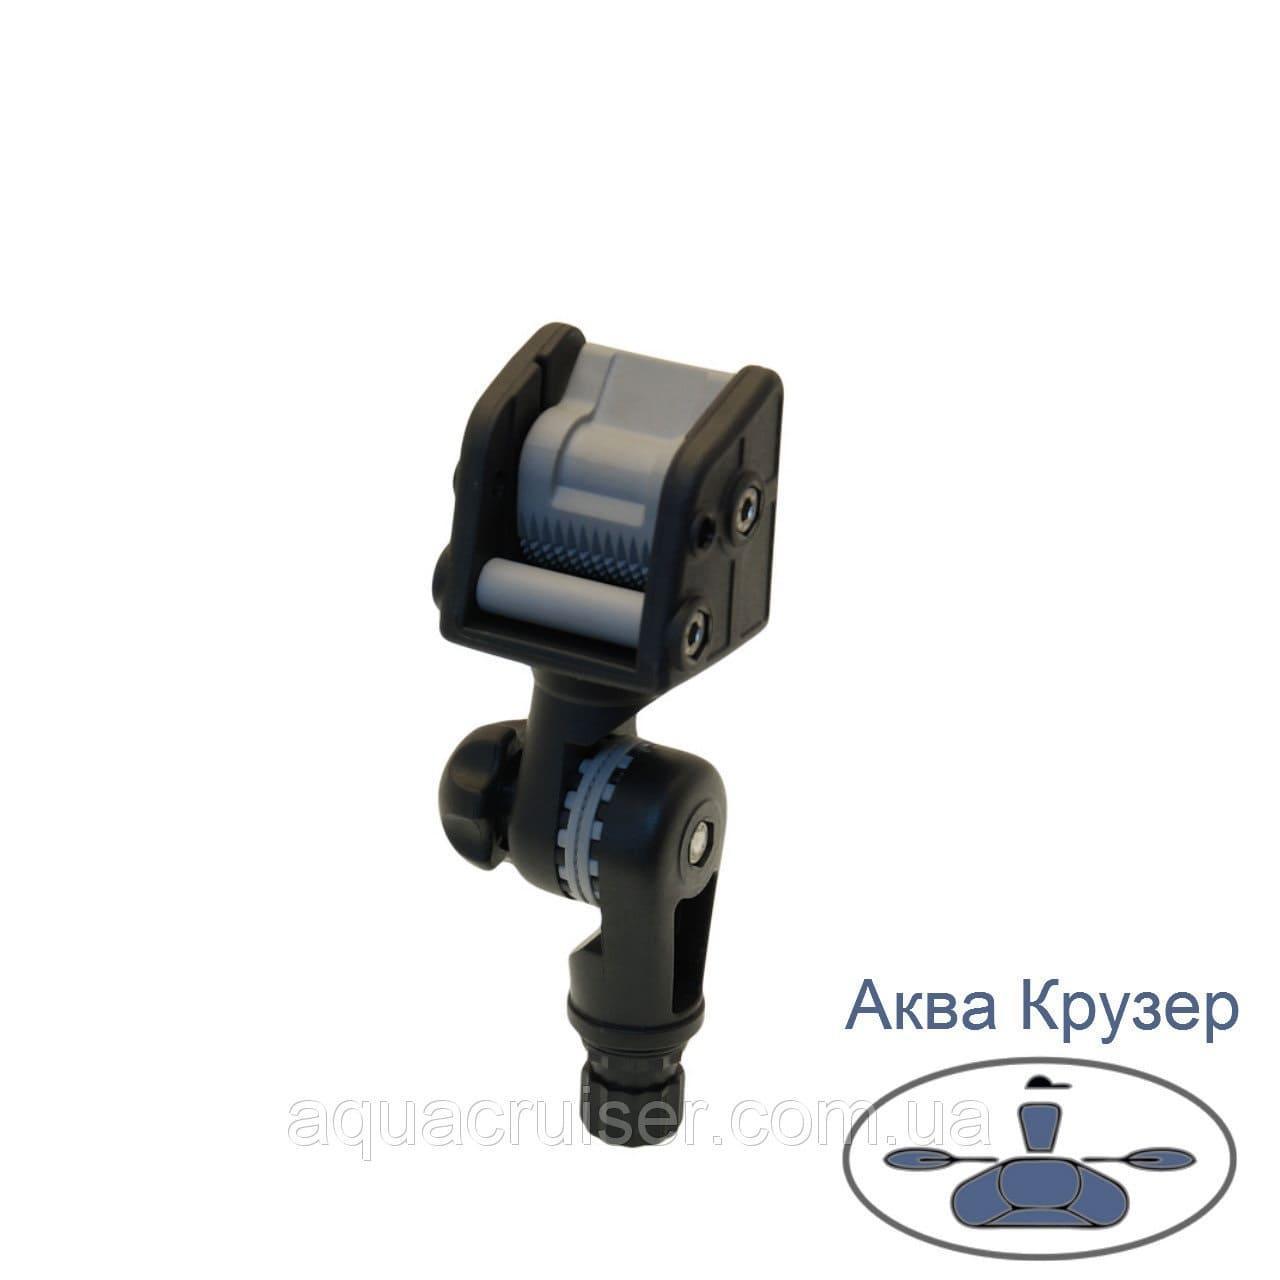 Стопорный узел для якоря с механизмом наклона  (Al003) borika FASTen, цвет черный